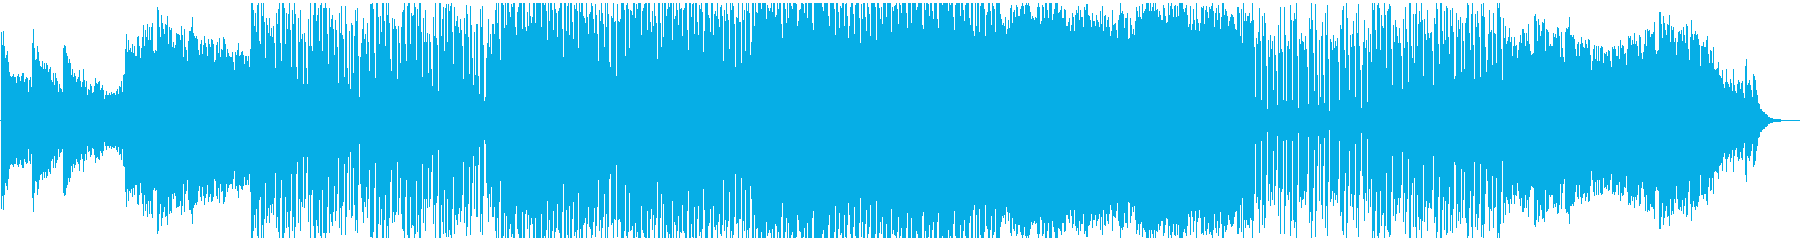 壮大でクールな空間的ドラムンベースBGMの再生済みの波形